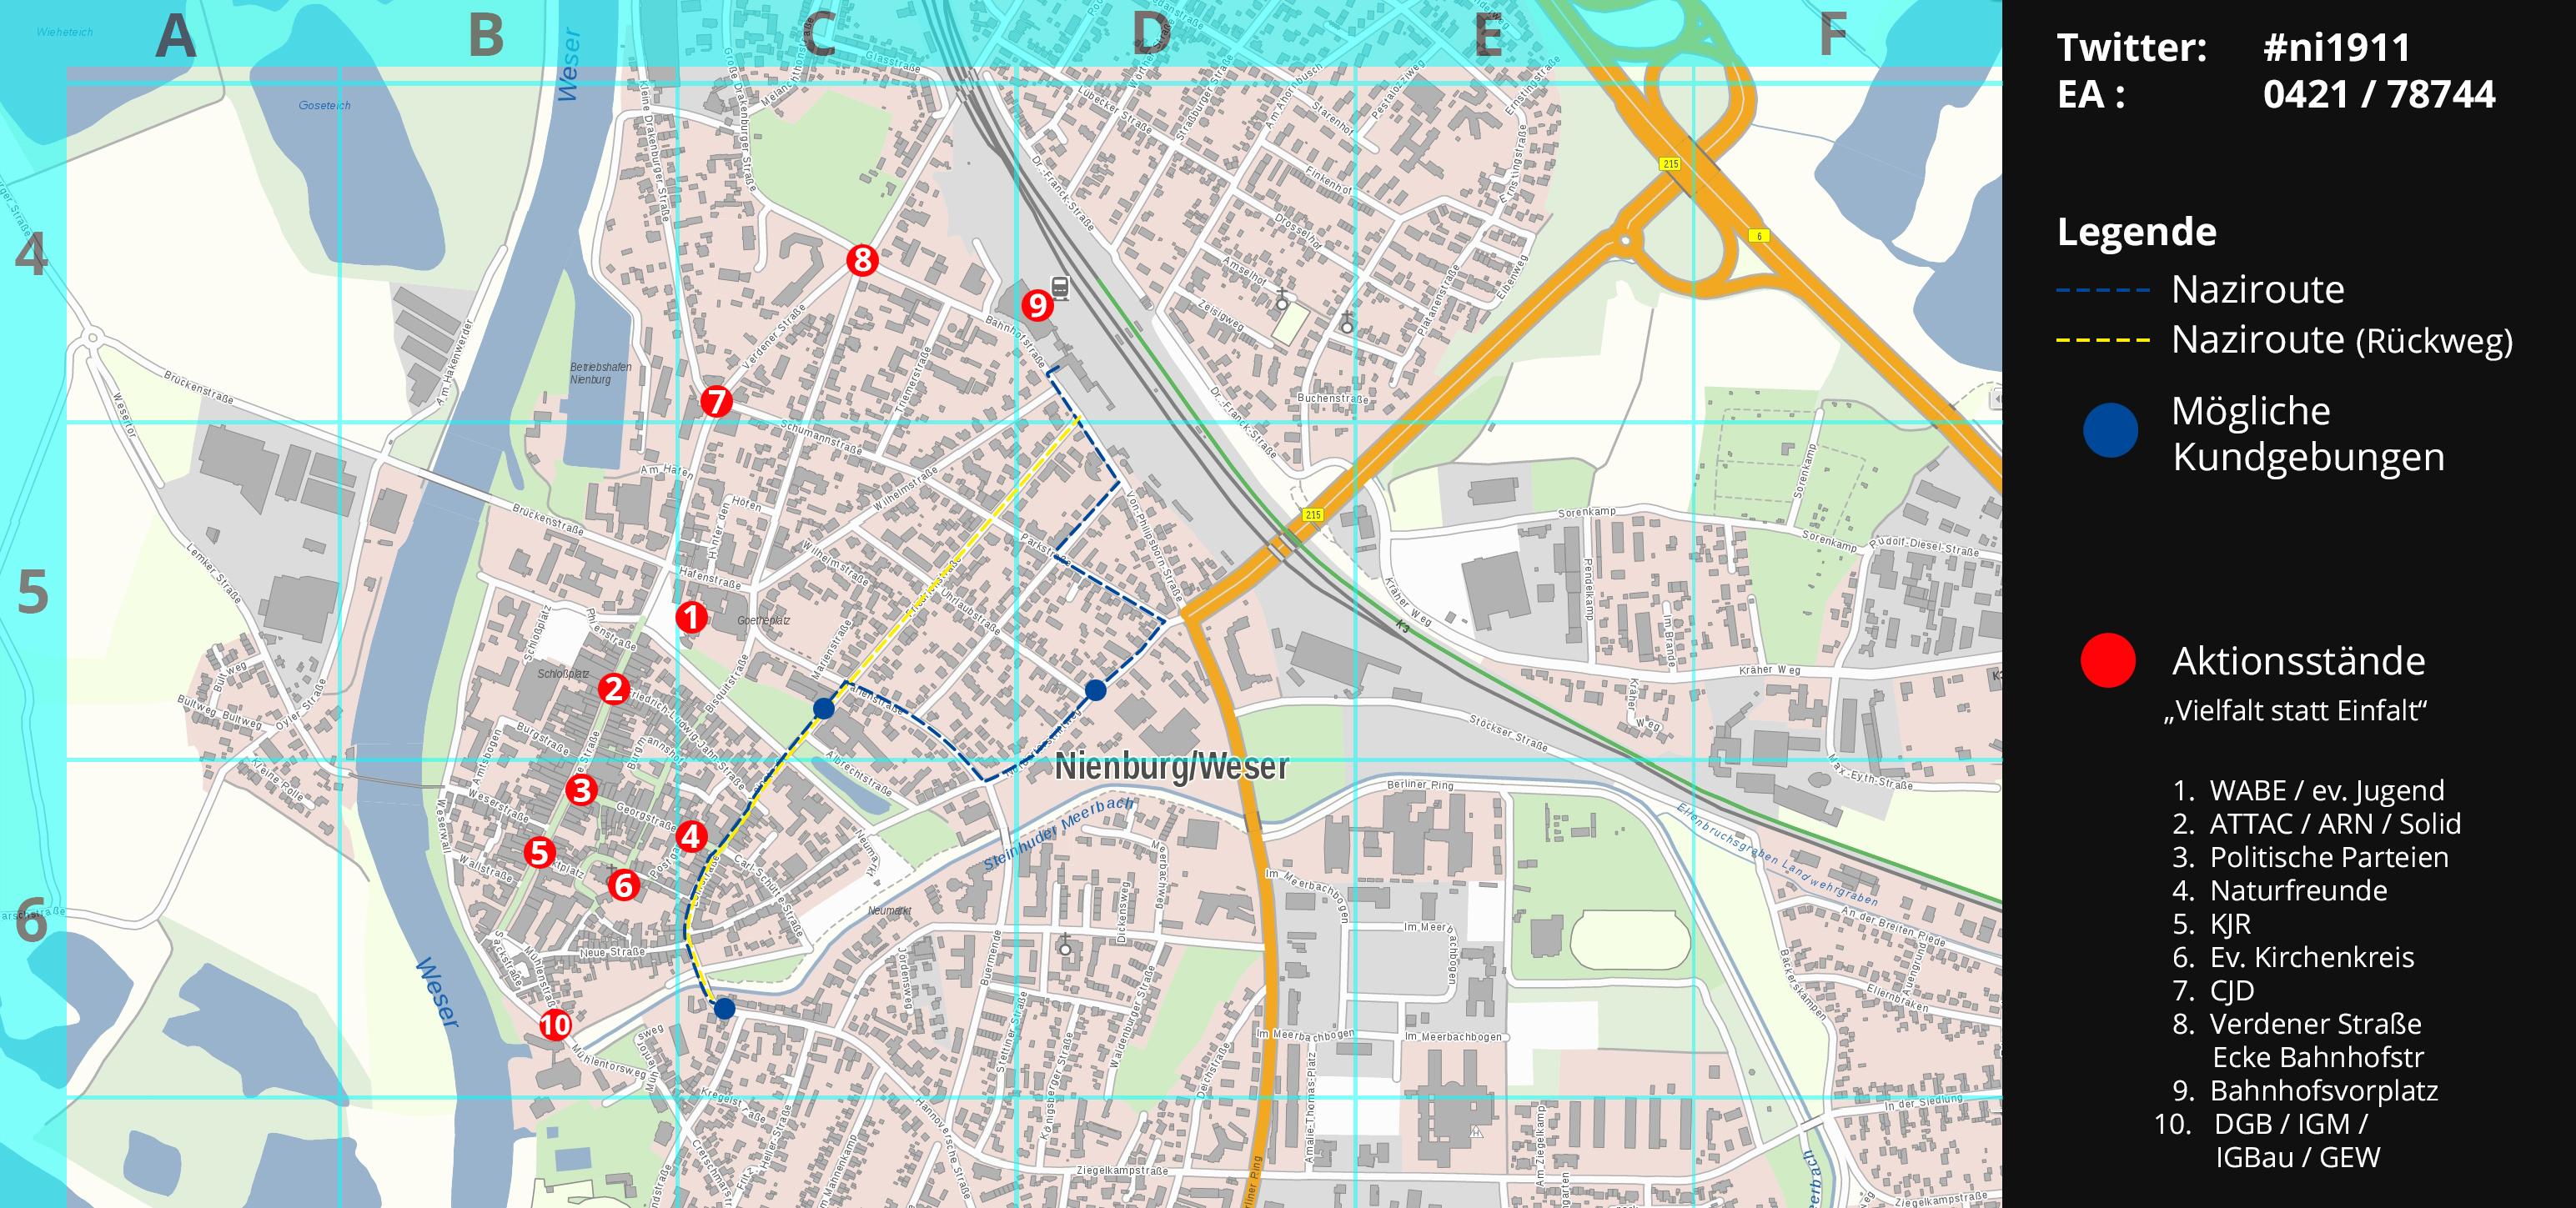 Aktionskarte Innenstadtbereich